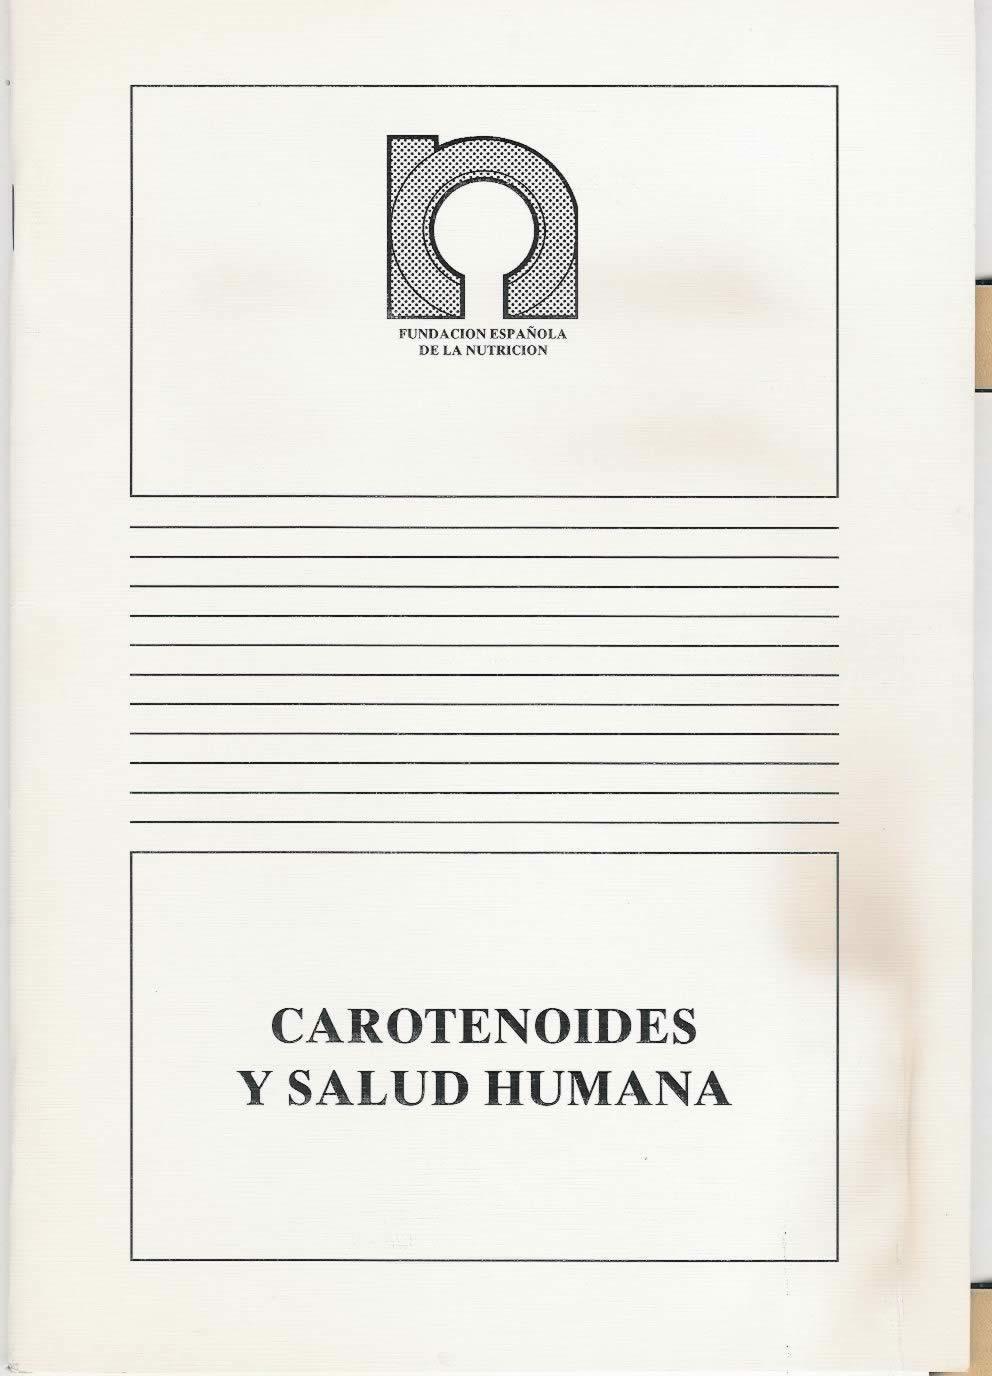 Carotenoides y salud humana.